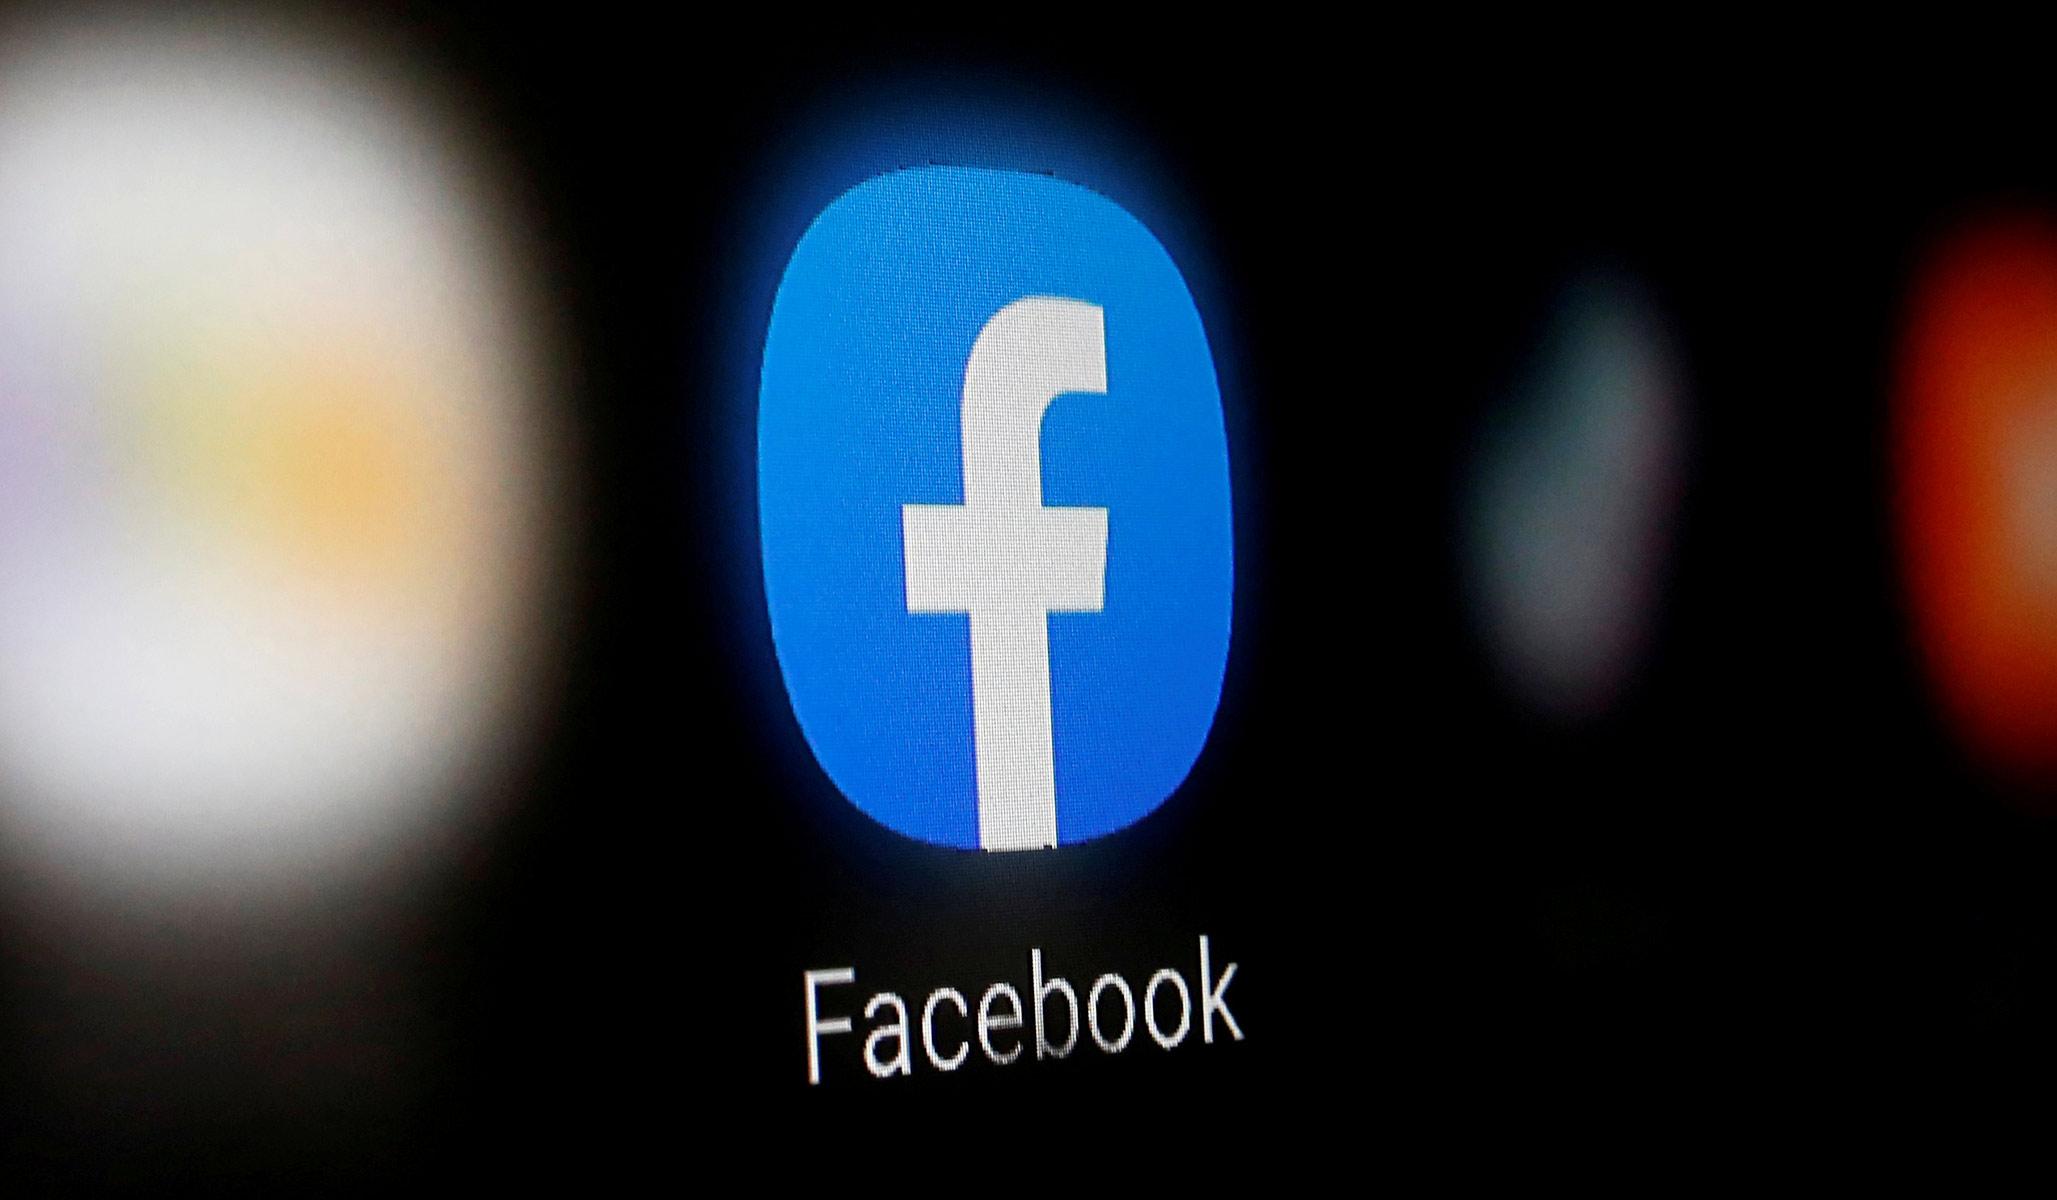 Facebook Bans All QAnon Conspiracy Accounts thumbnail